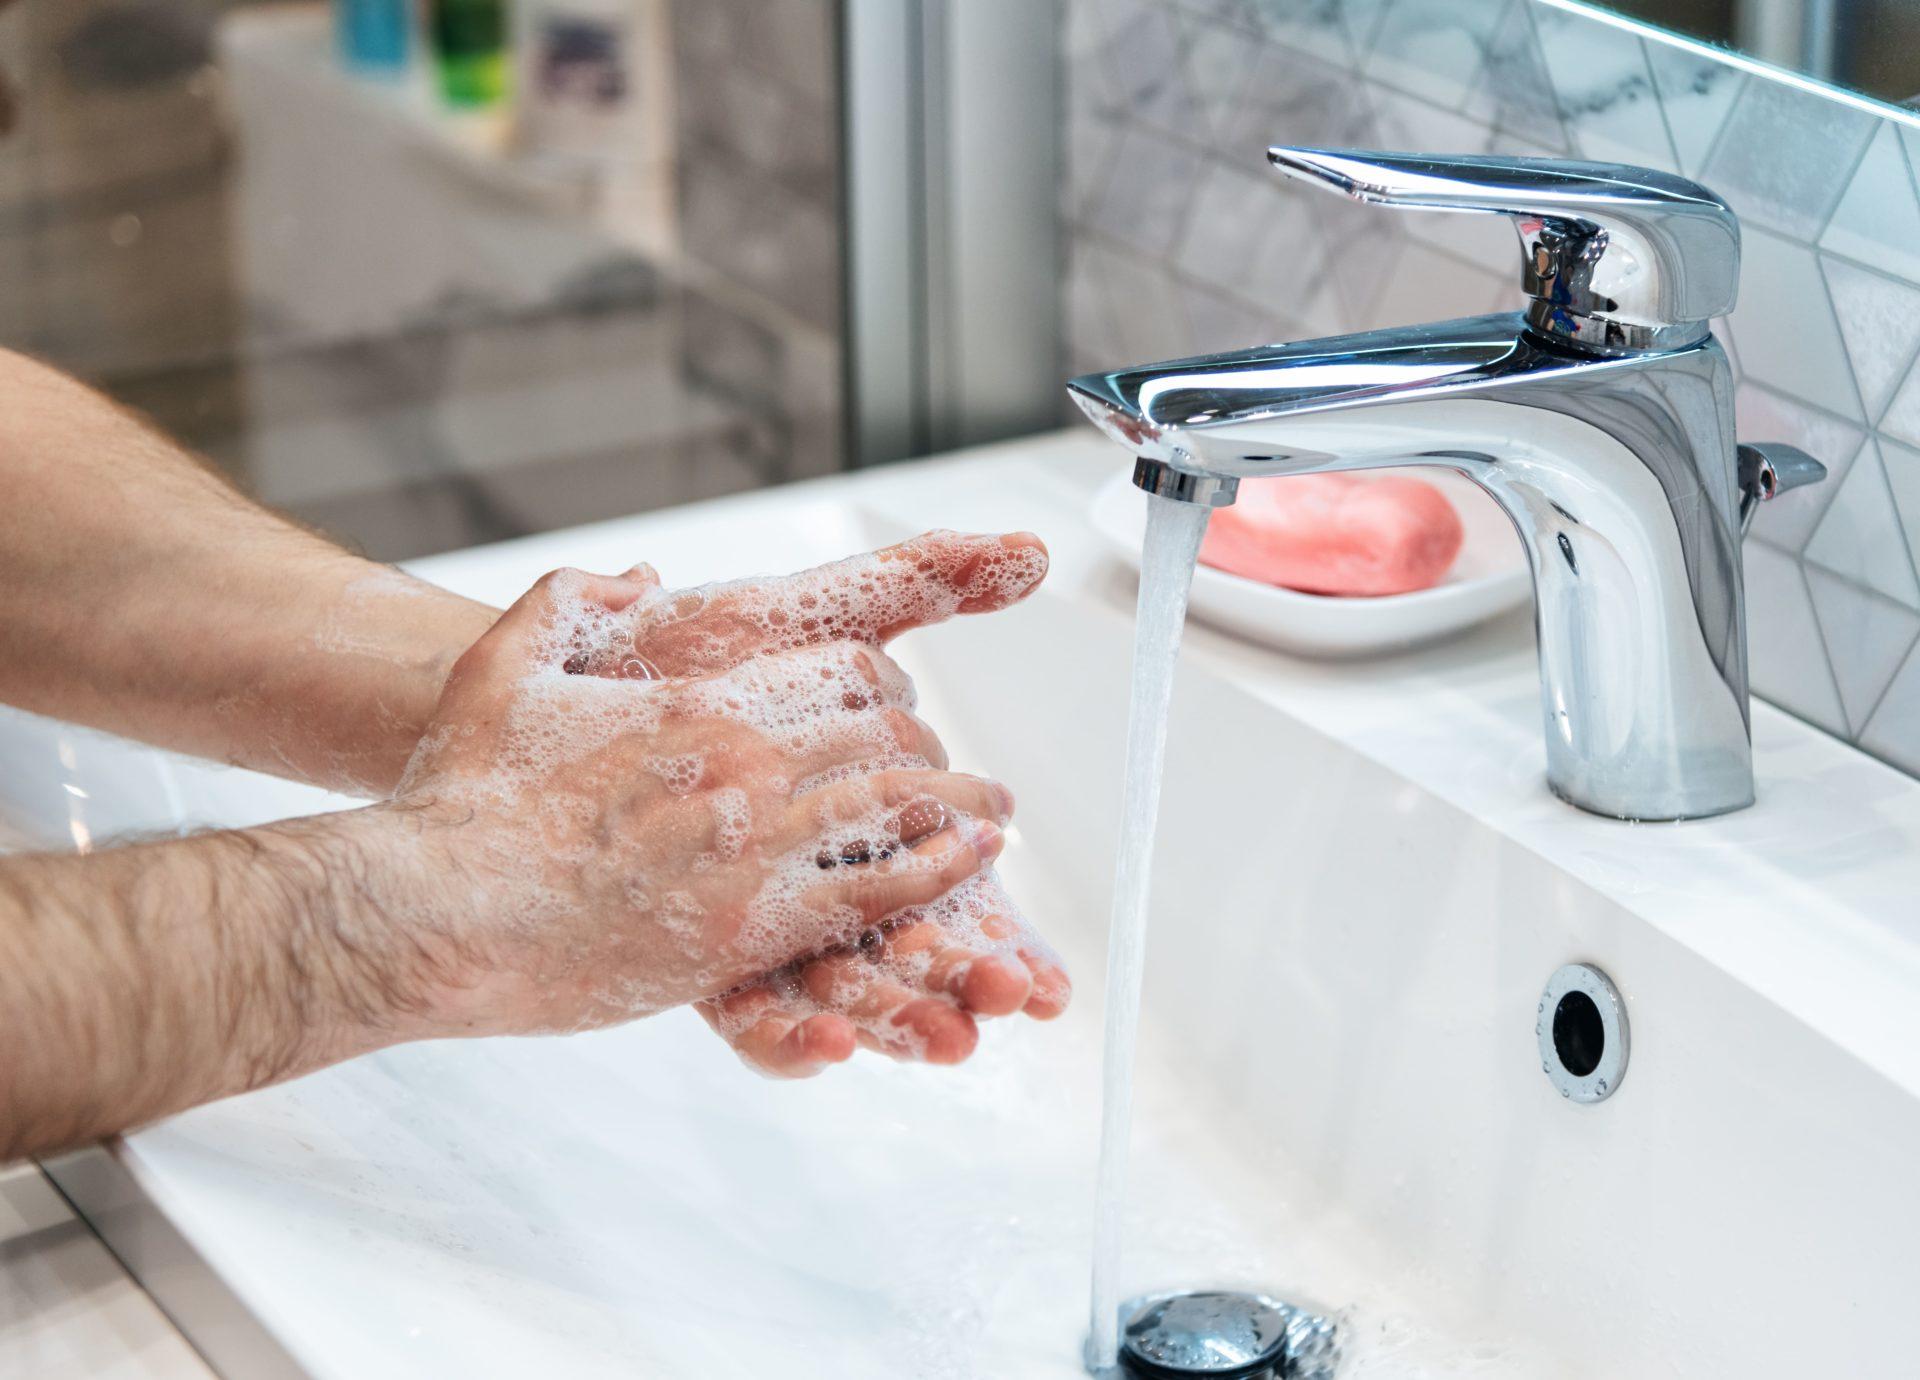 meddi- blog pánico covid-19- lavado de manos